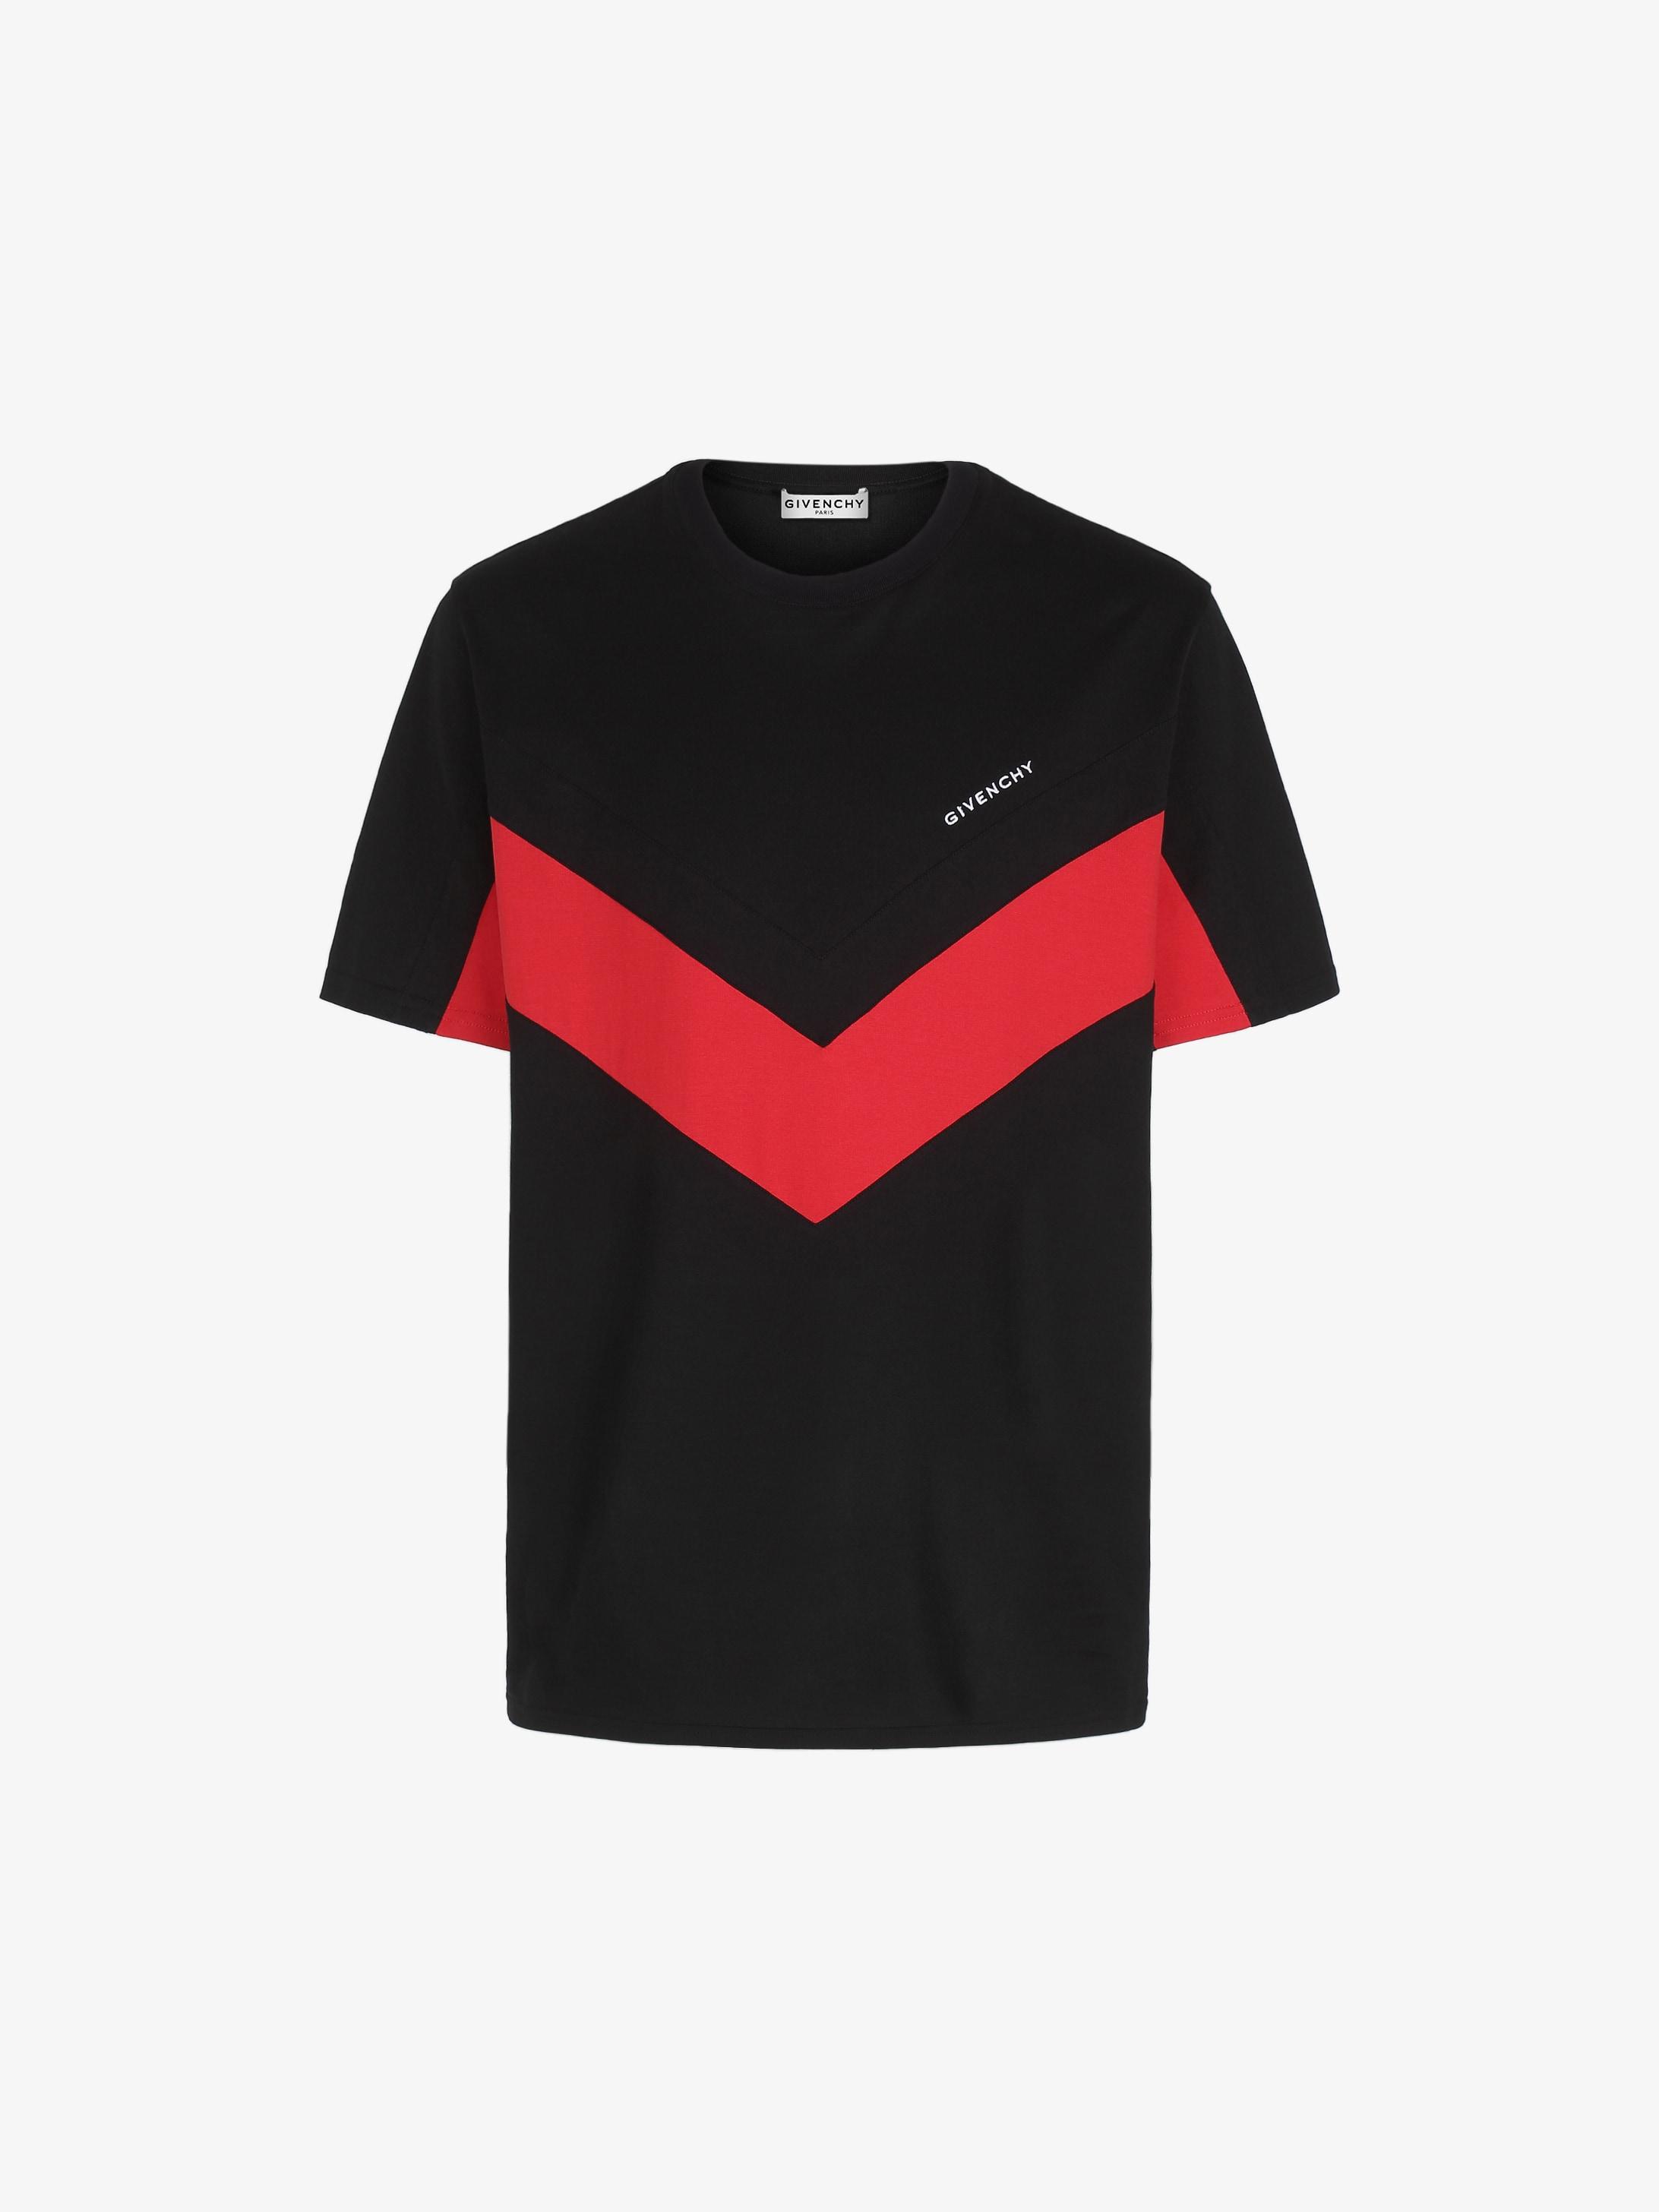 Contrasted V-neck t-shirt